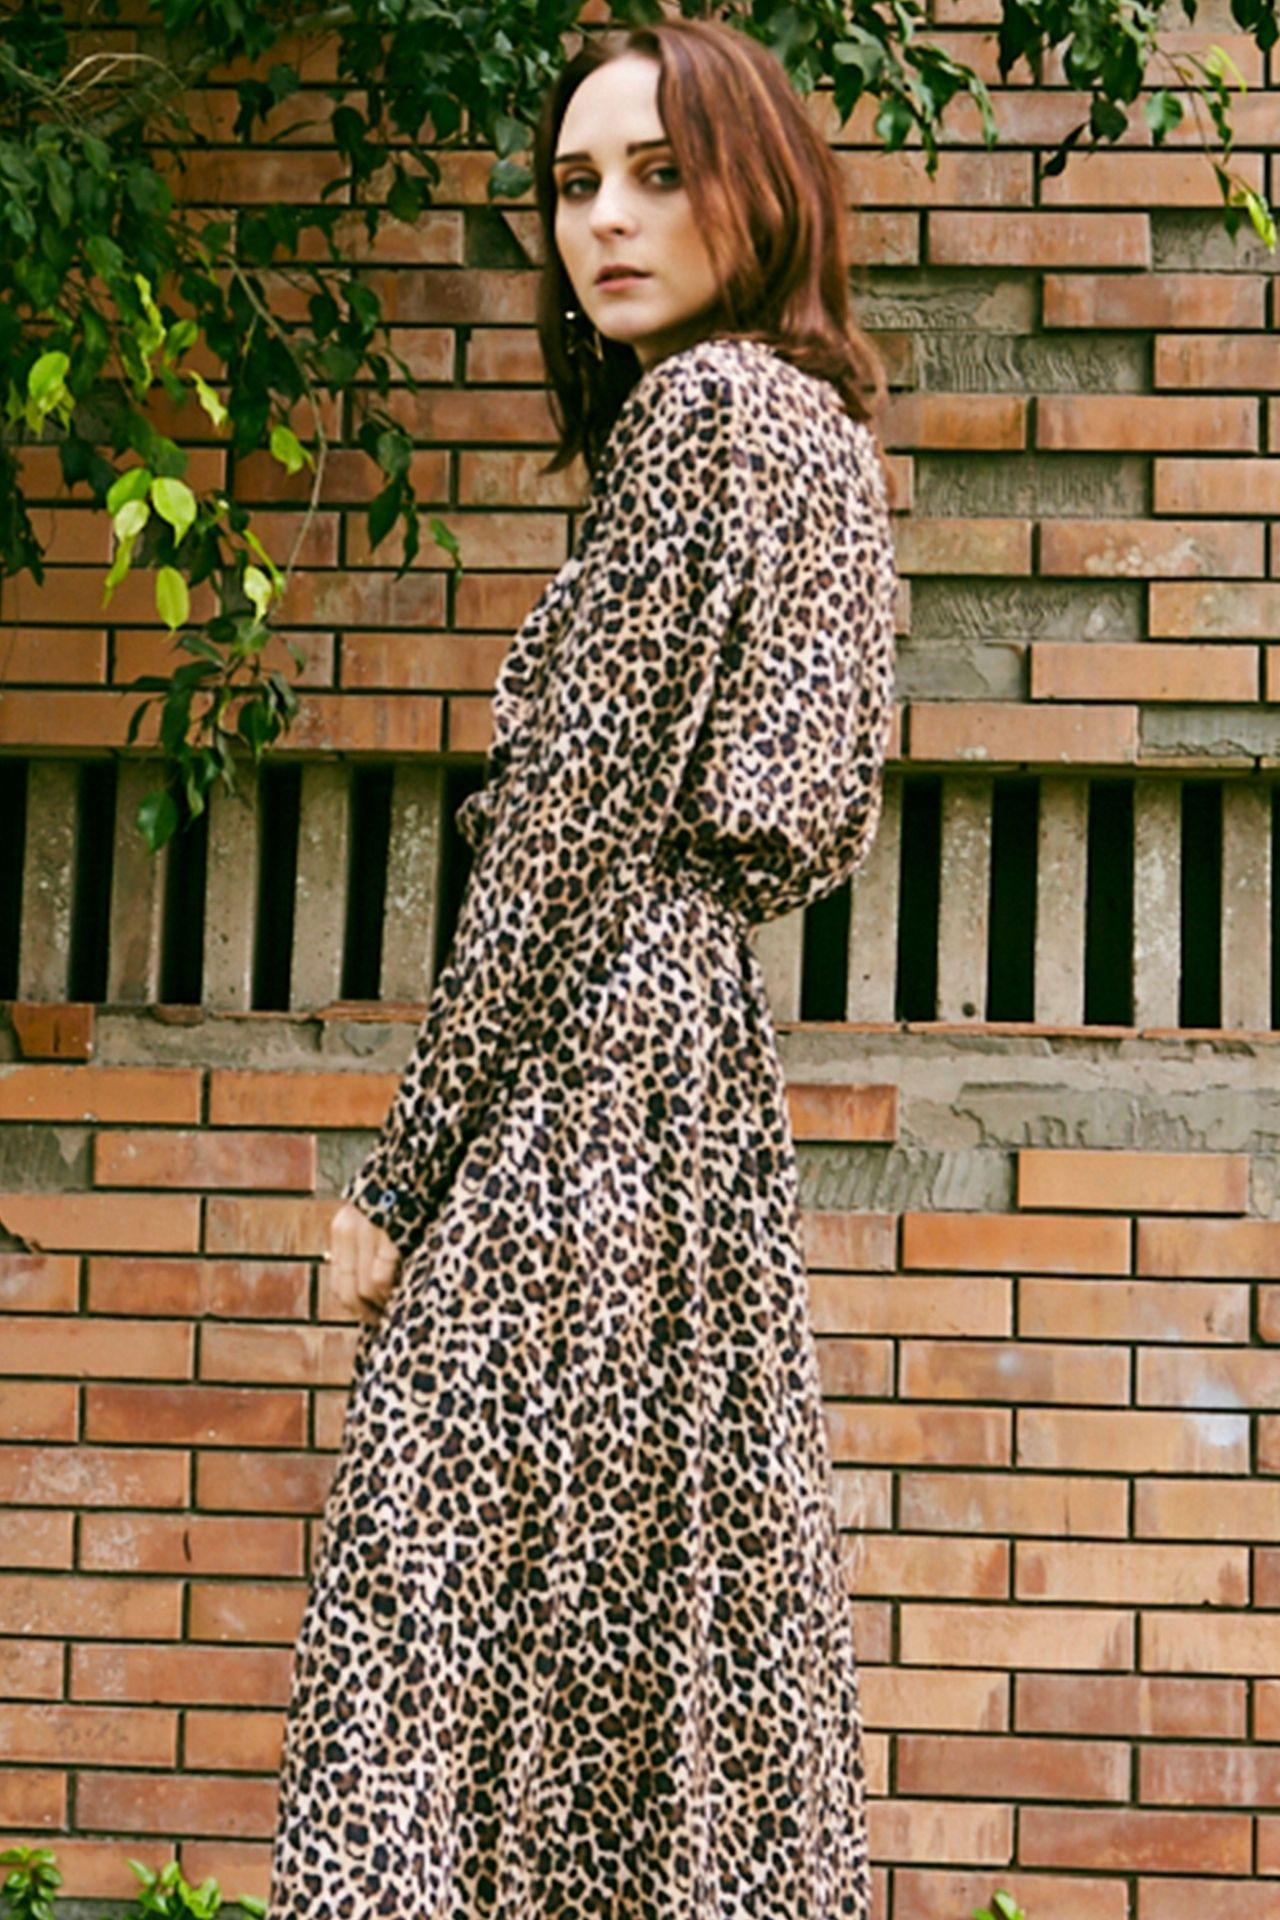 Vestido animal print con cuello alto y cintura elástica.  Detalles Sin forro Talla standard Made in Italy Material & cuidado 100% Poliester Lavar en agua tibia a mano  Cintura: 30 cm  Largo: 120 cm